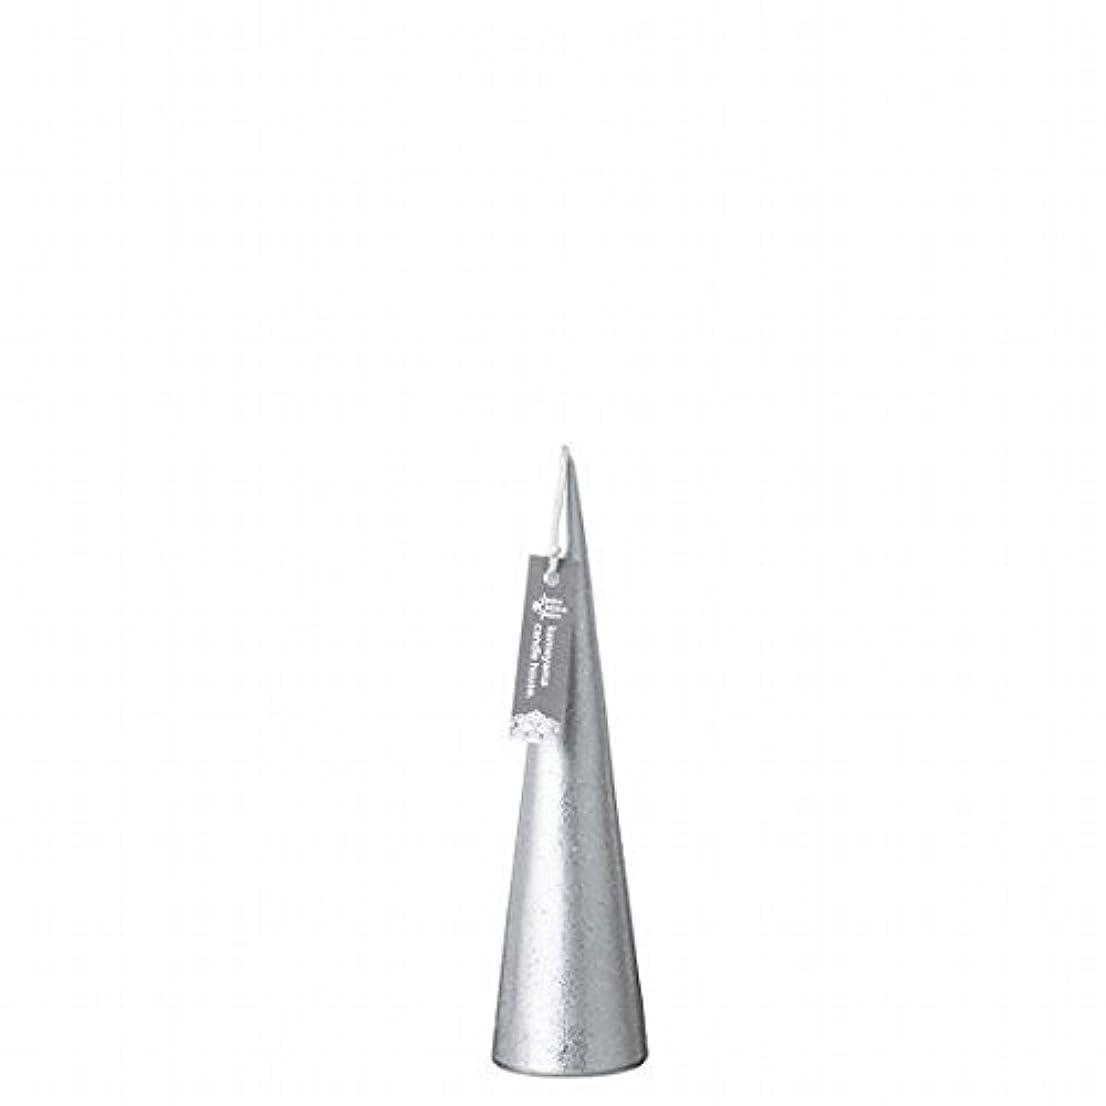 競争力のあるメカニックスティックカメヤマキャンドル(kameyama candle) メタリックコーンS 「 シルバー 」